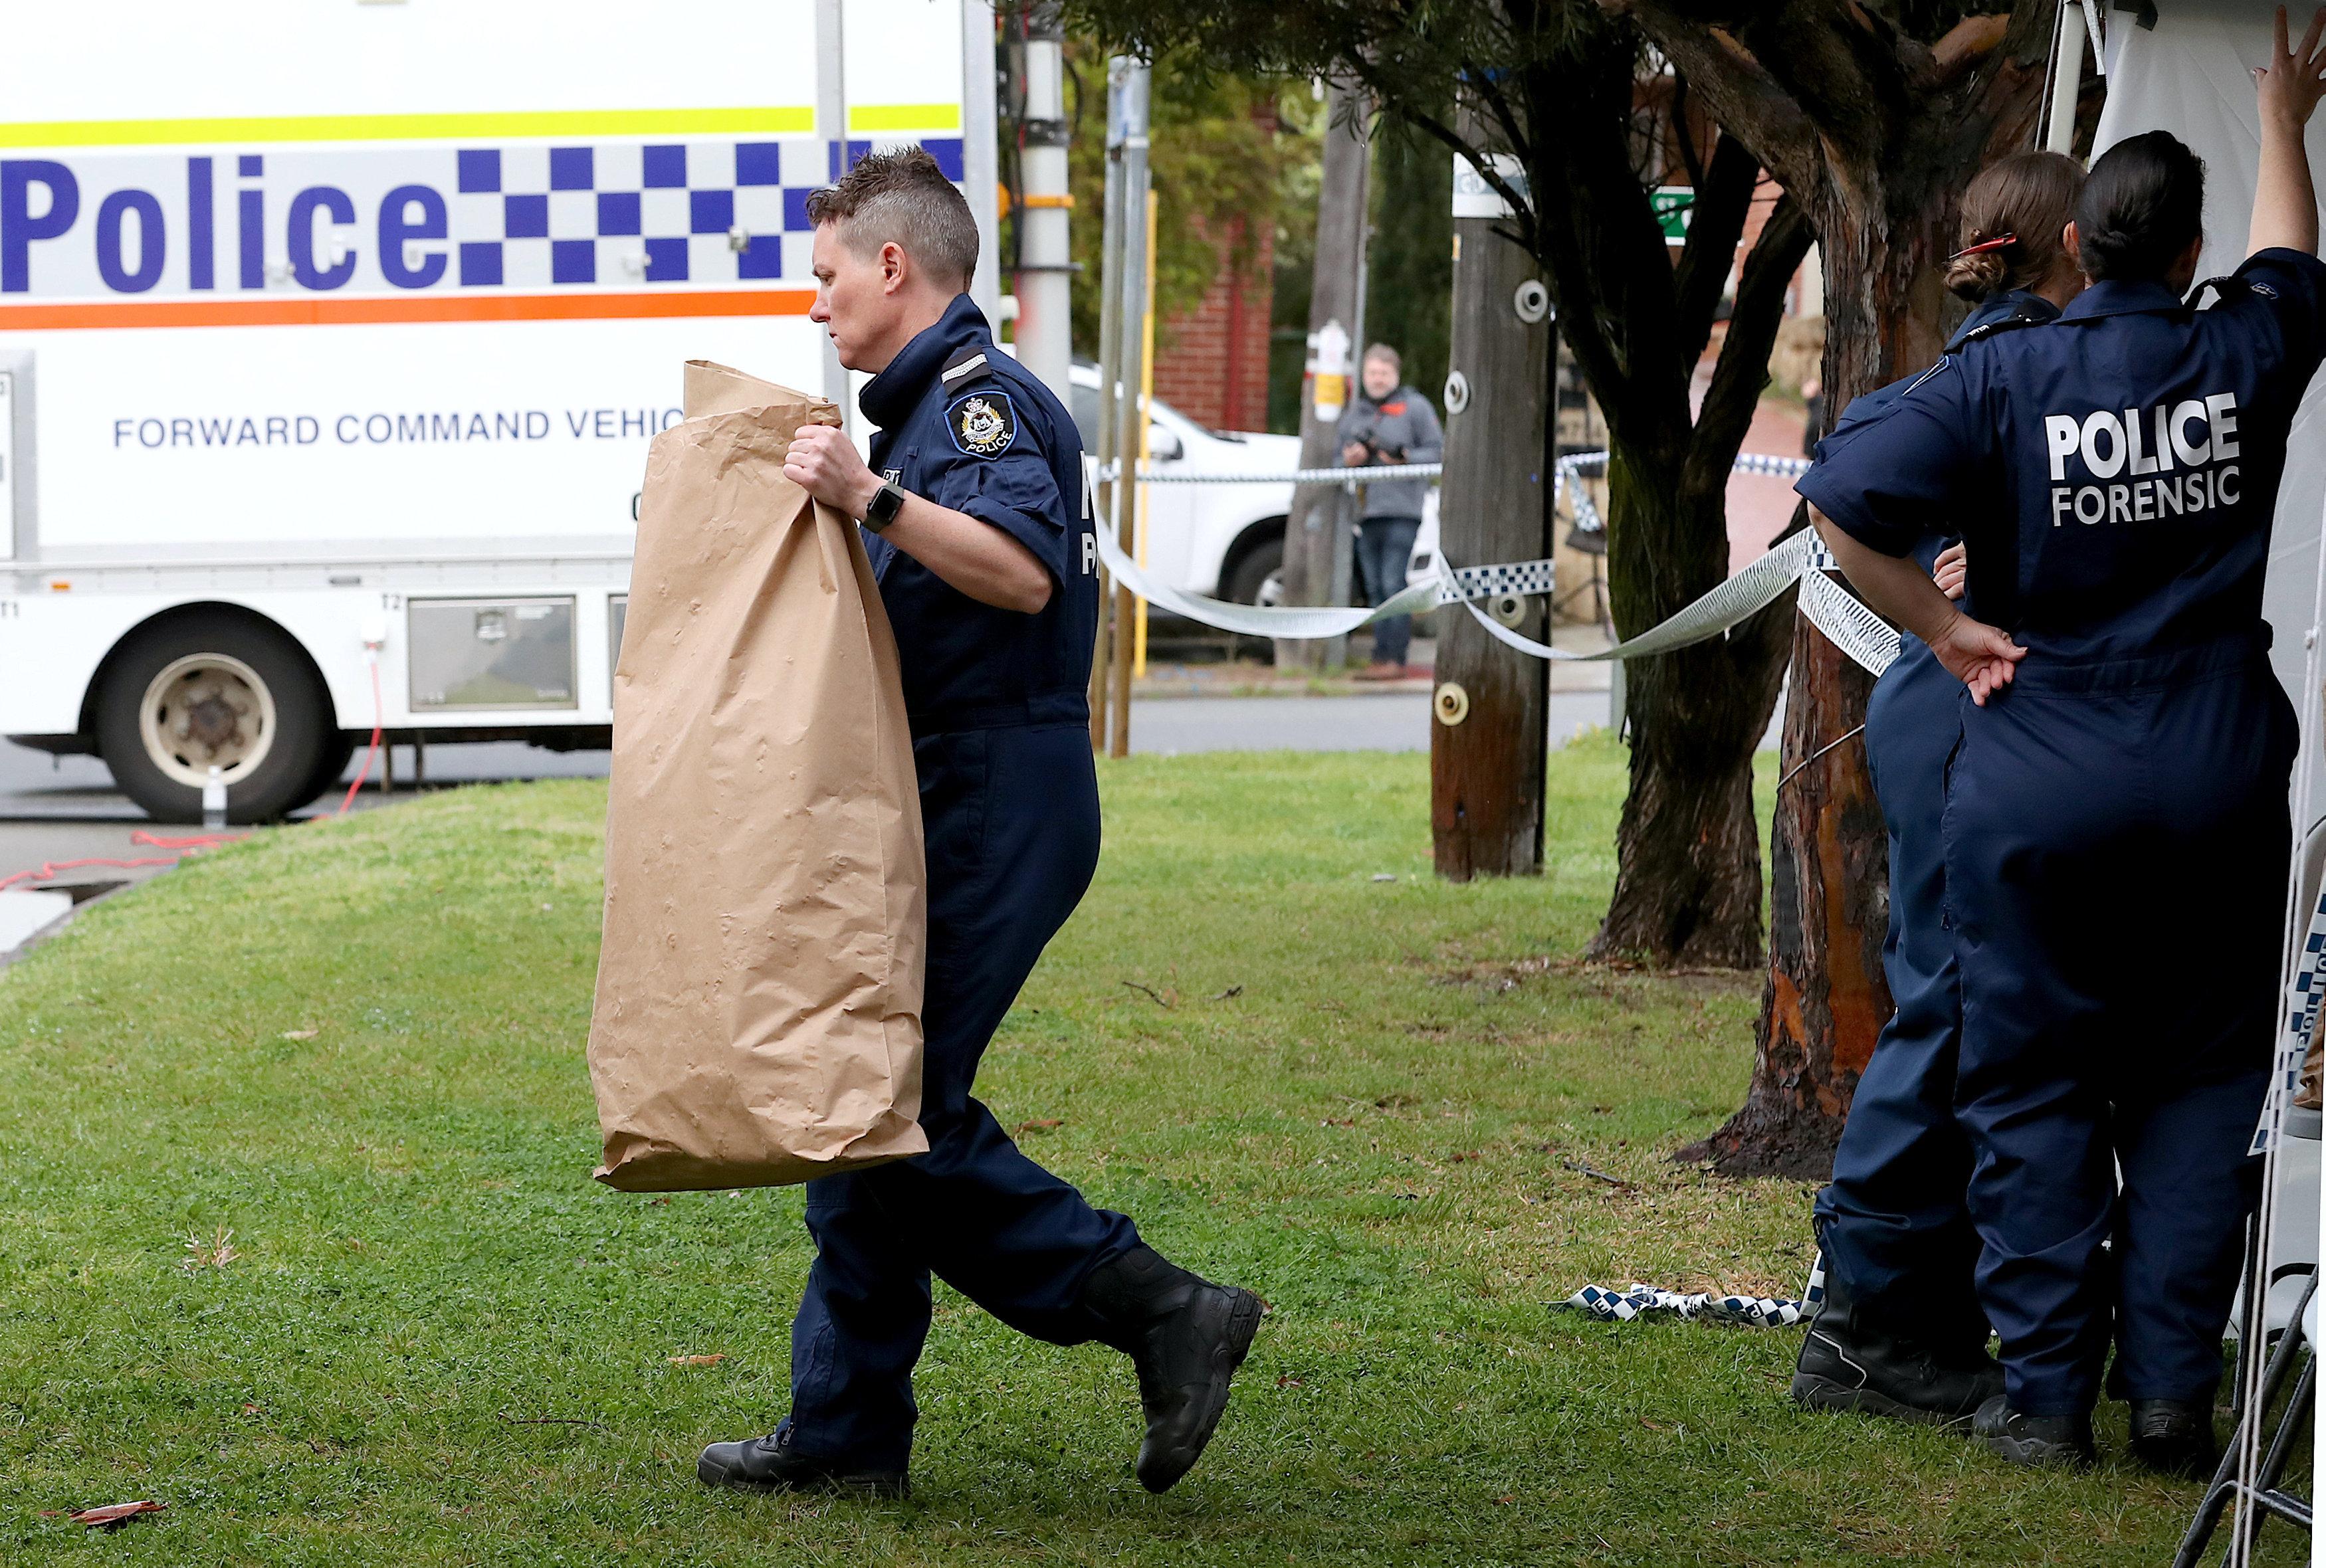 Μακελειό στην Αυστραλία: 24χρονος κατηγορείται για τη δολοφονία 3 μικρών κοριτσιών, της μητέρας τους και της γιαγιάς